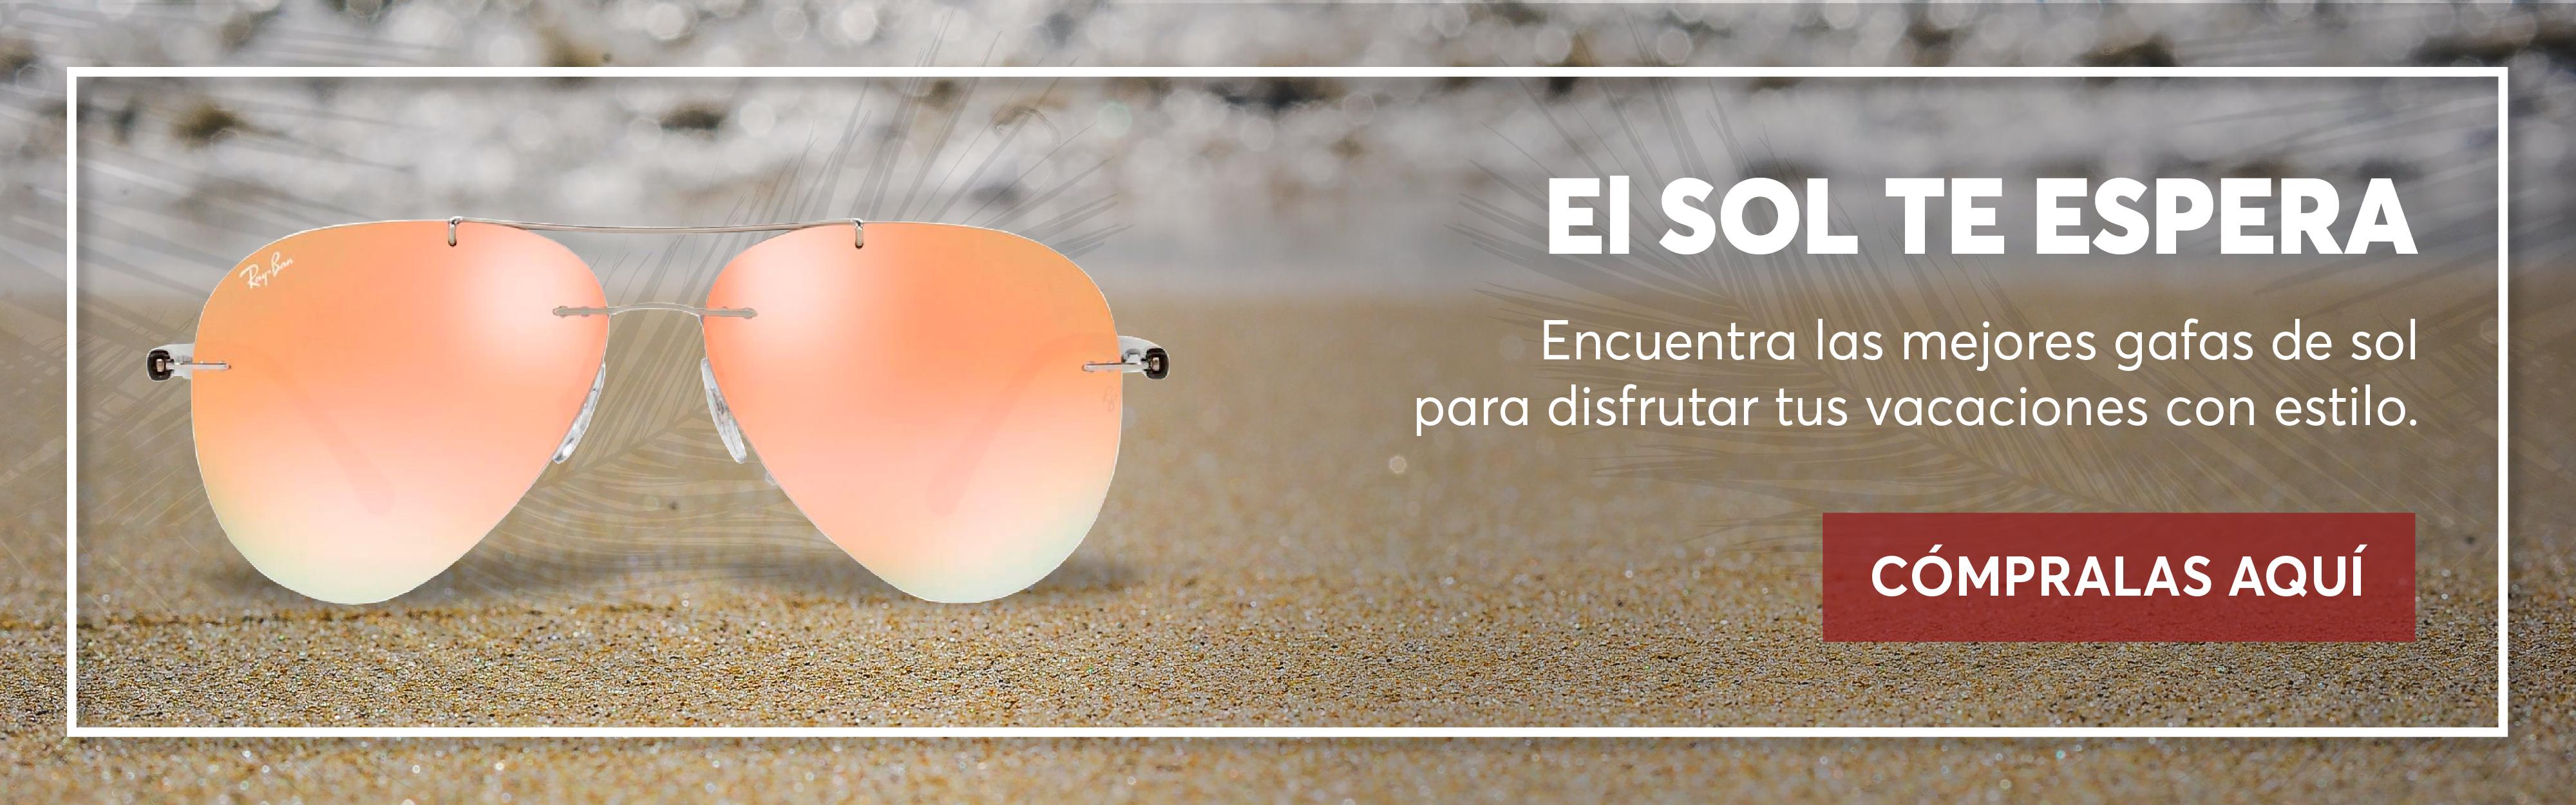 Encuentra las mejores gafas de sol para disfrutar tus vacaciones con estilo.